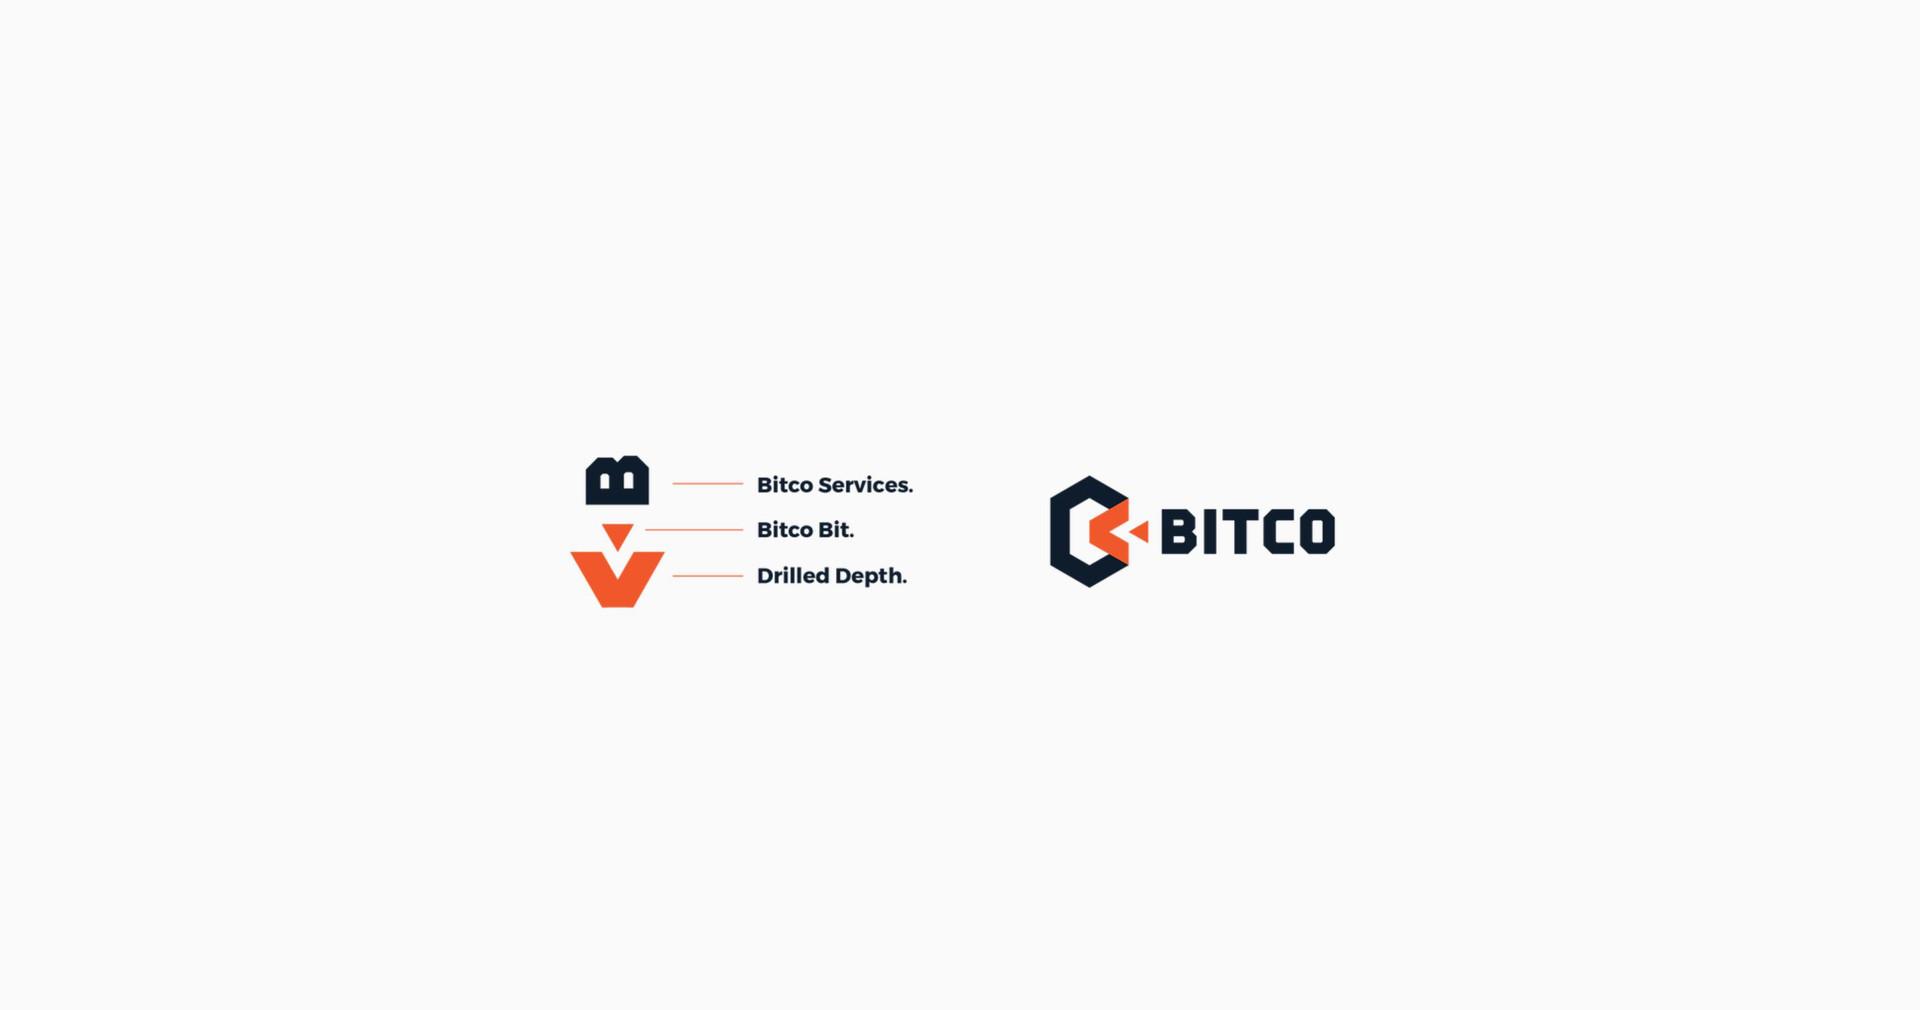 bitco services logo breakdown.jpg